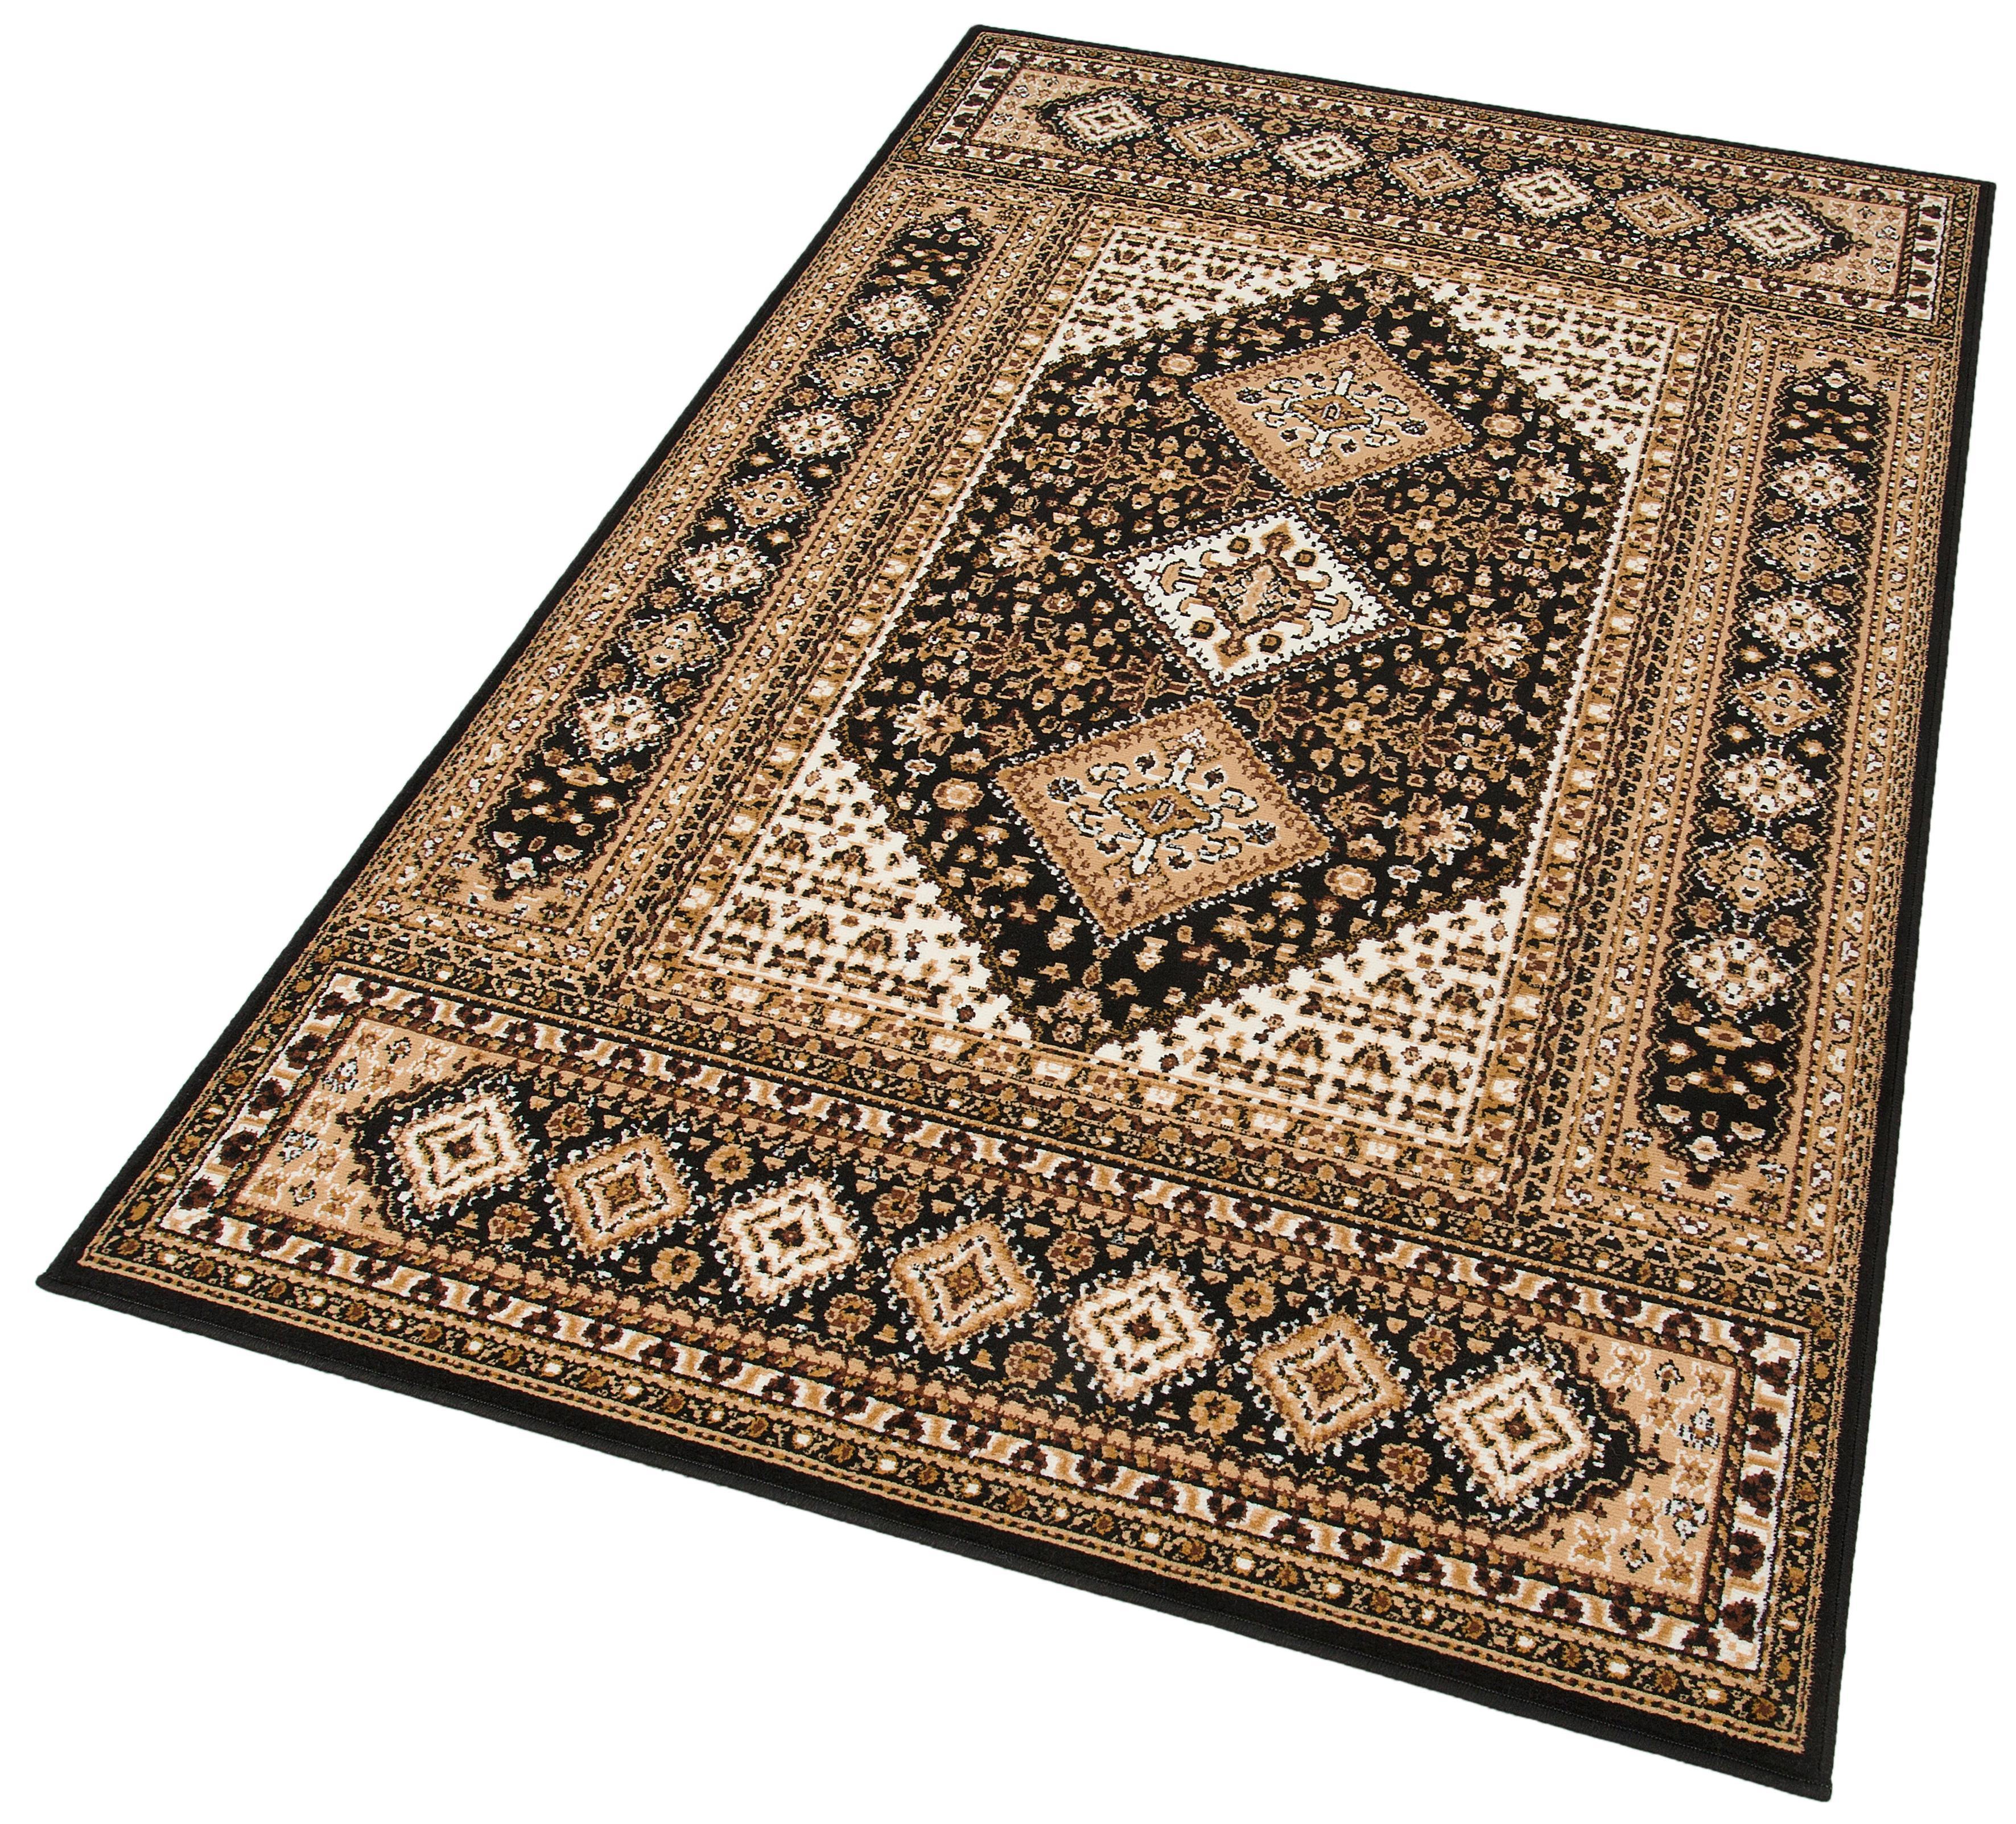 Teppich Igor my home Selection rechteckig Höhe 7 mm maschinell gewebt